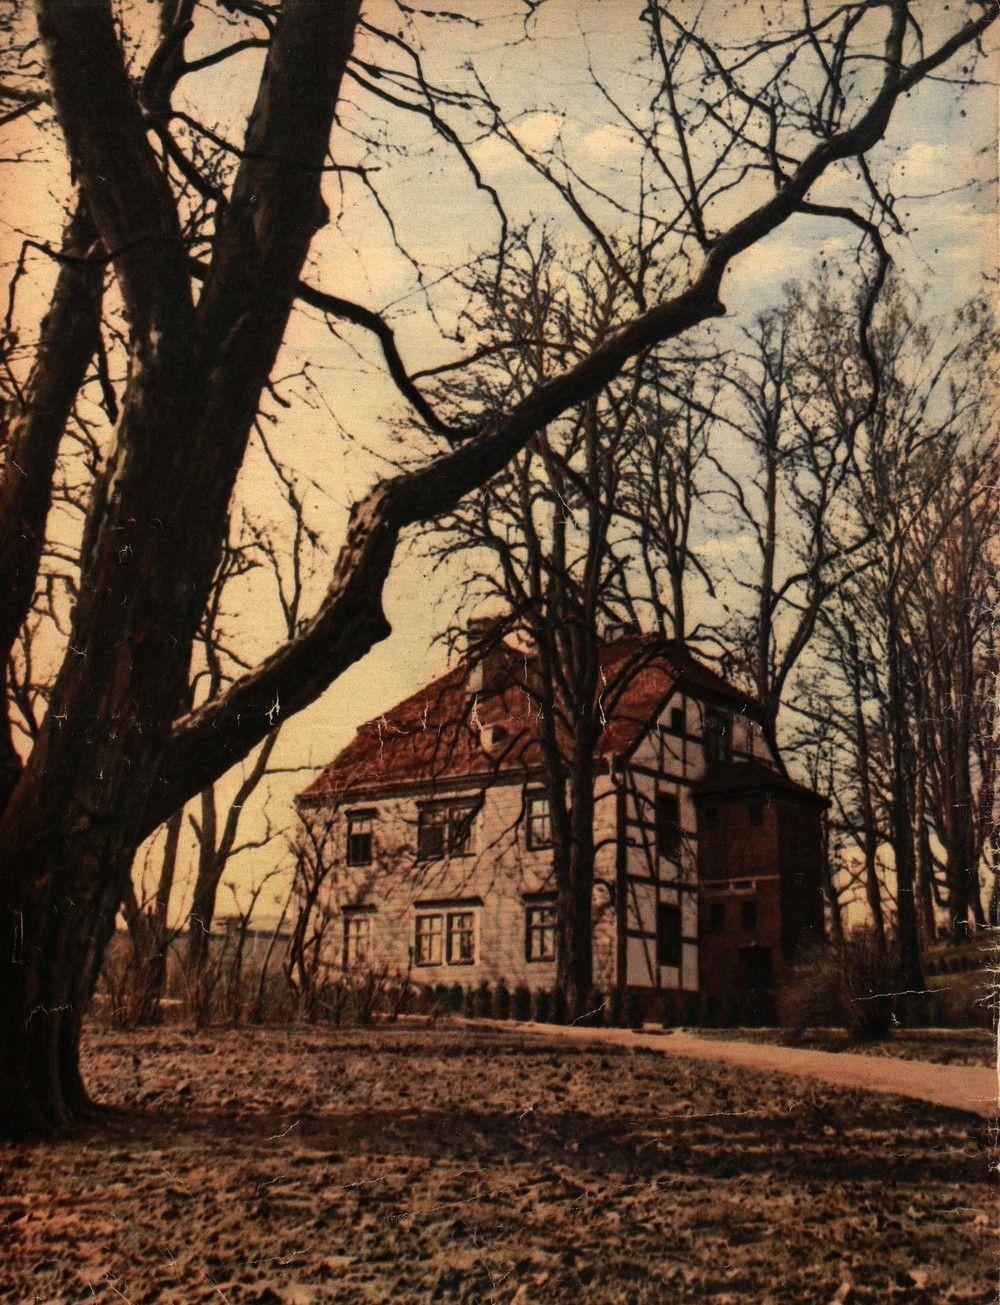 Dom, w którym przetrzymywano w trakcie internowania Józefa Piłsudskiego. W sierpniu 1937 r. burmistrz Magdeburga podarował go polskim władzom. Został on rozebrany i przetransportowany do Warszawy, gdzie odbudowano go na tyłach Belwederu (źródło: domena publiczna).